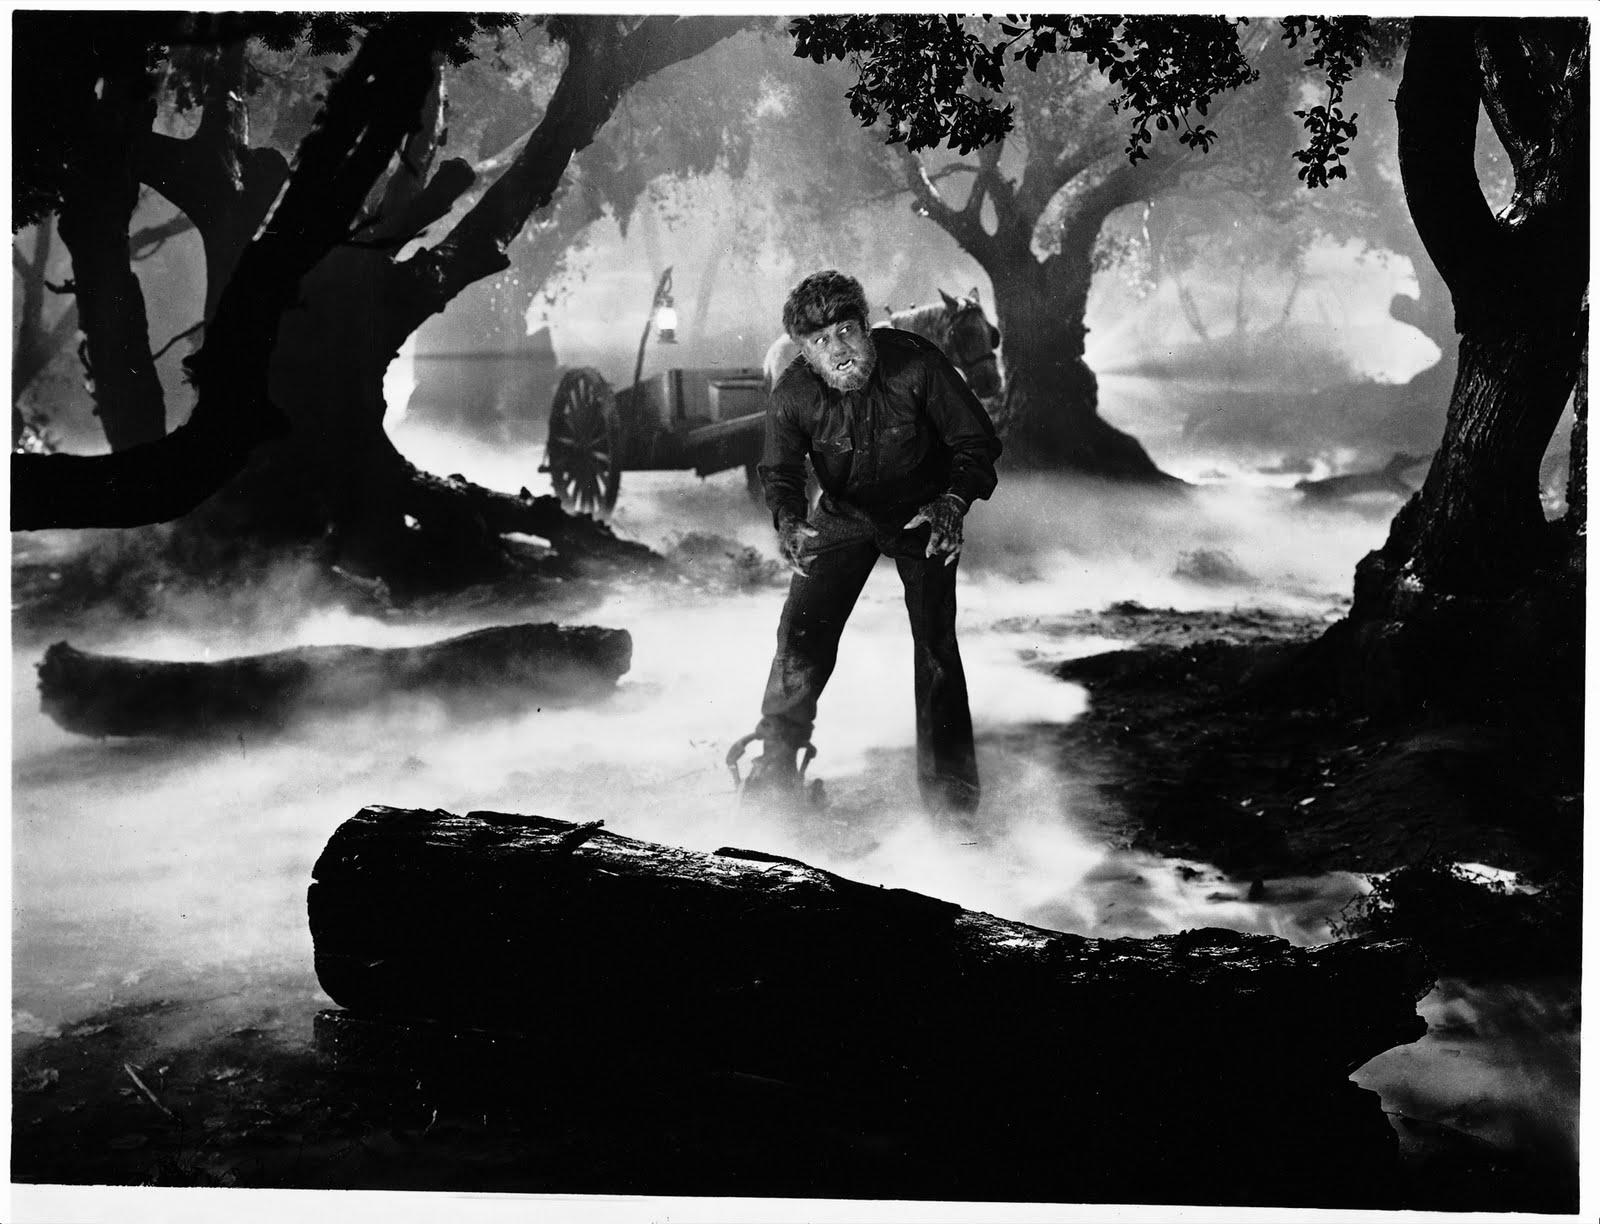 Dnevnik gledanja - Page 2 1941_wolfman_img3